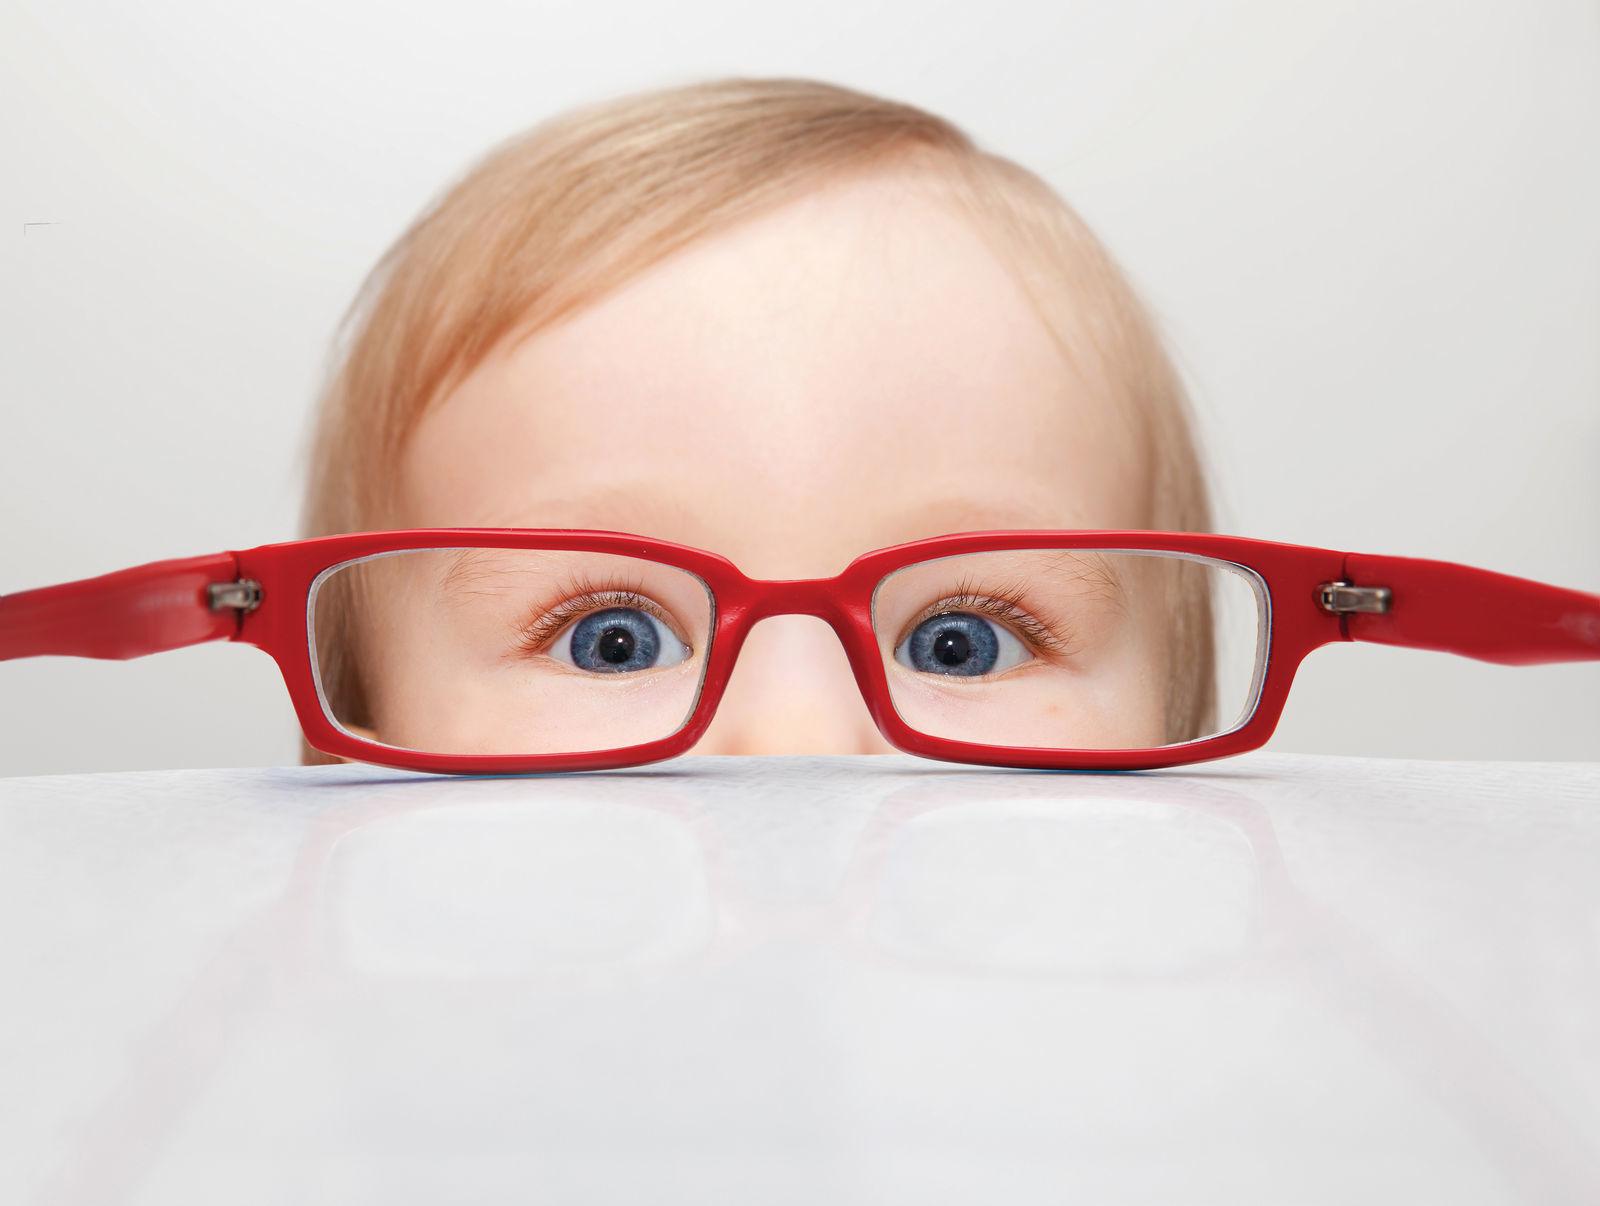 на столе лежат красные очки и сквозь них смотрит маленький мальчик